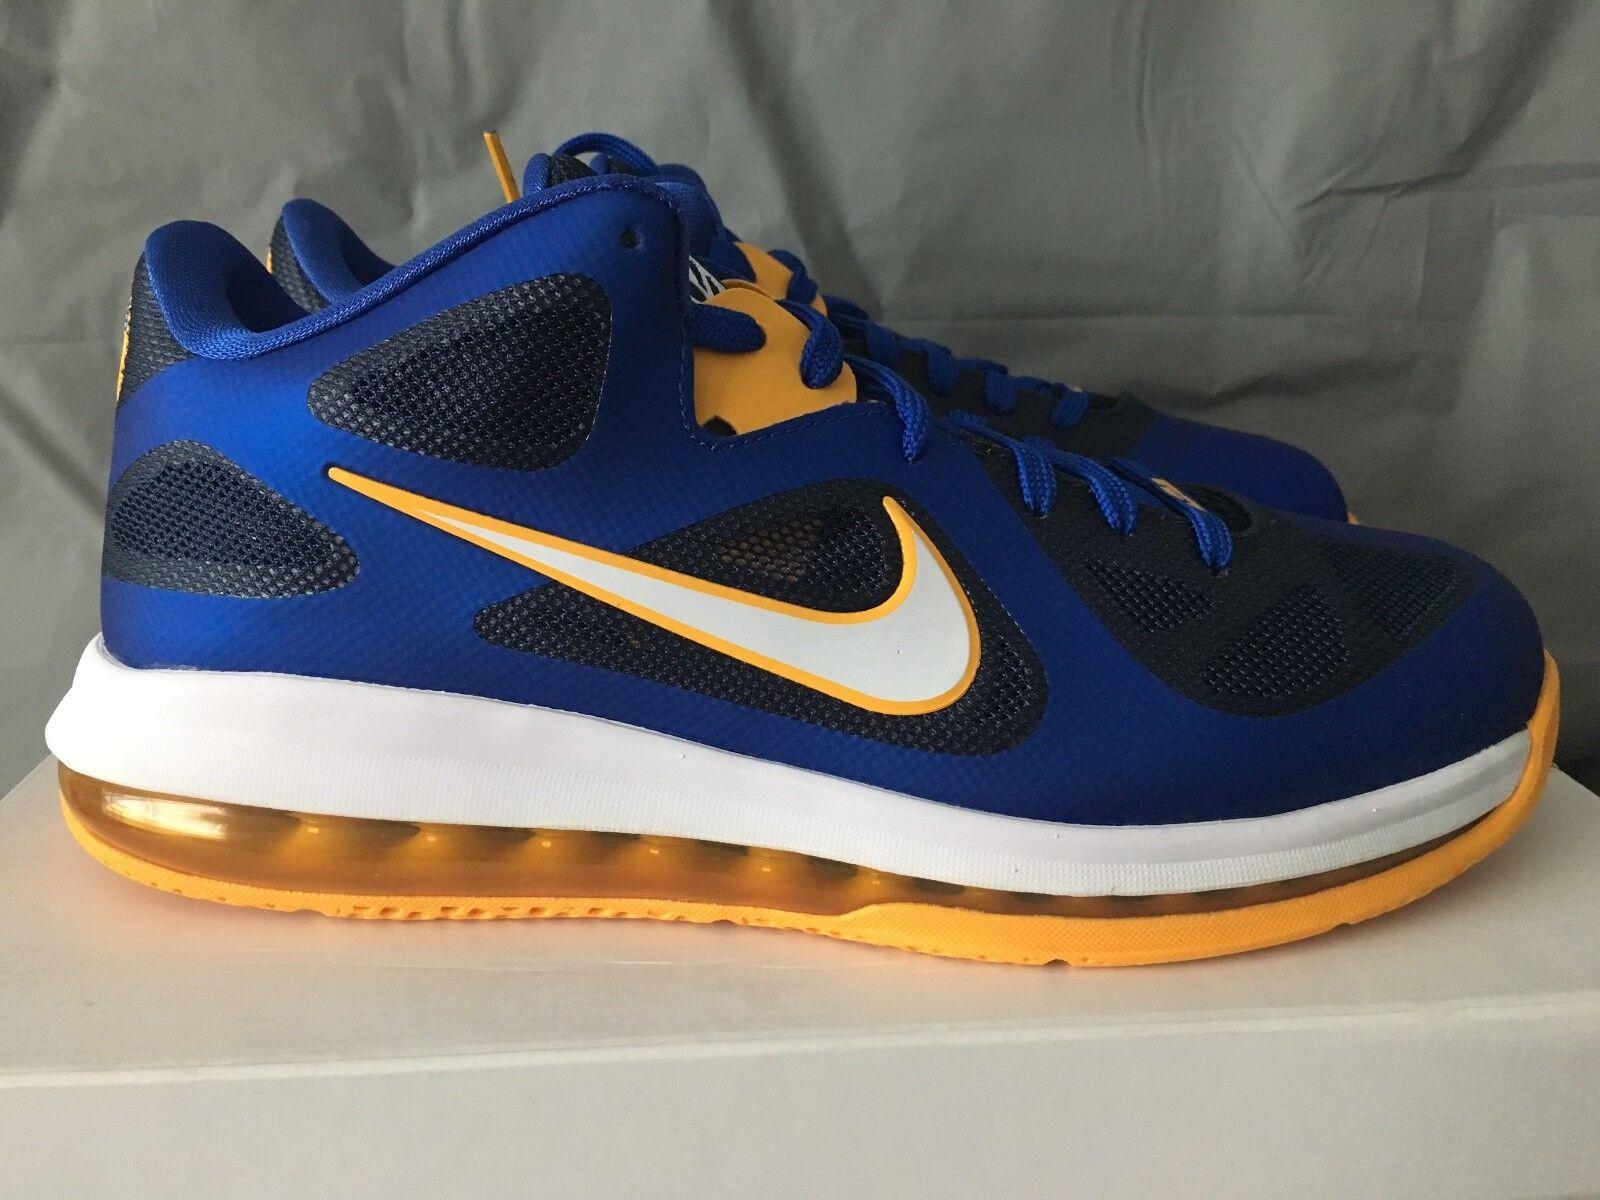 Nike Lebron 9 Low Entourage Game Royal 510811-402 Great discount